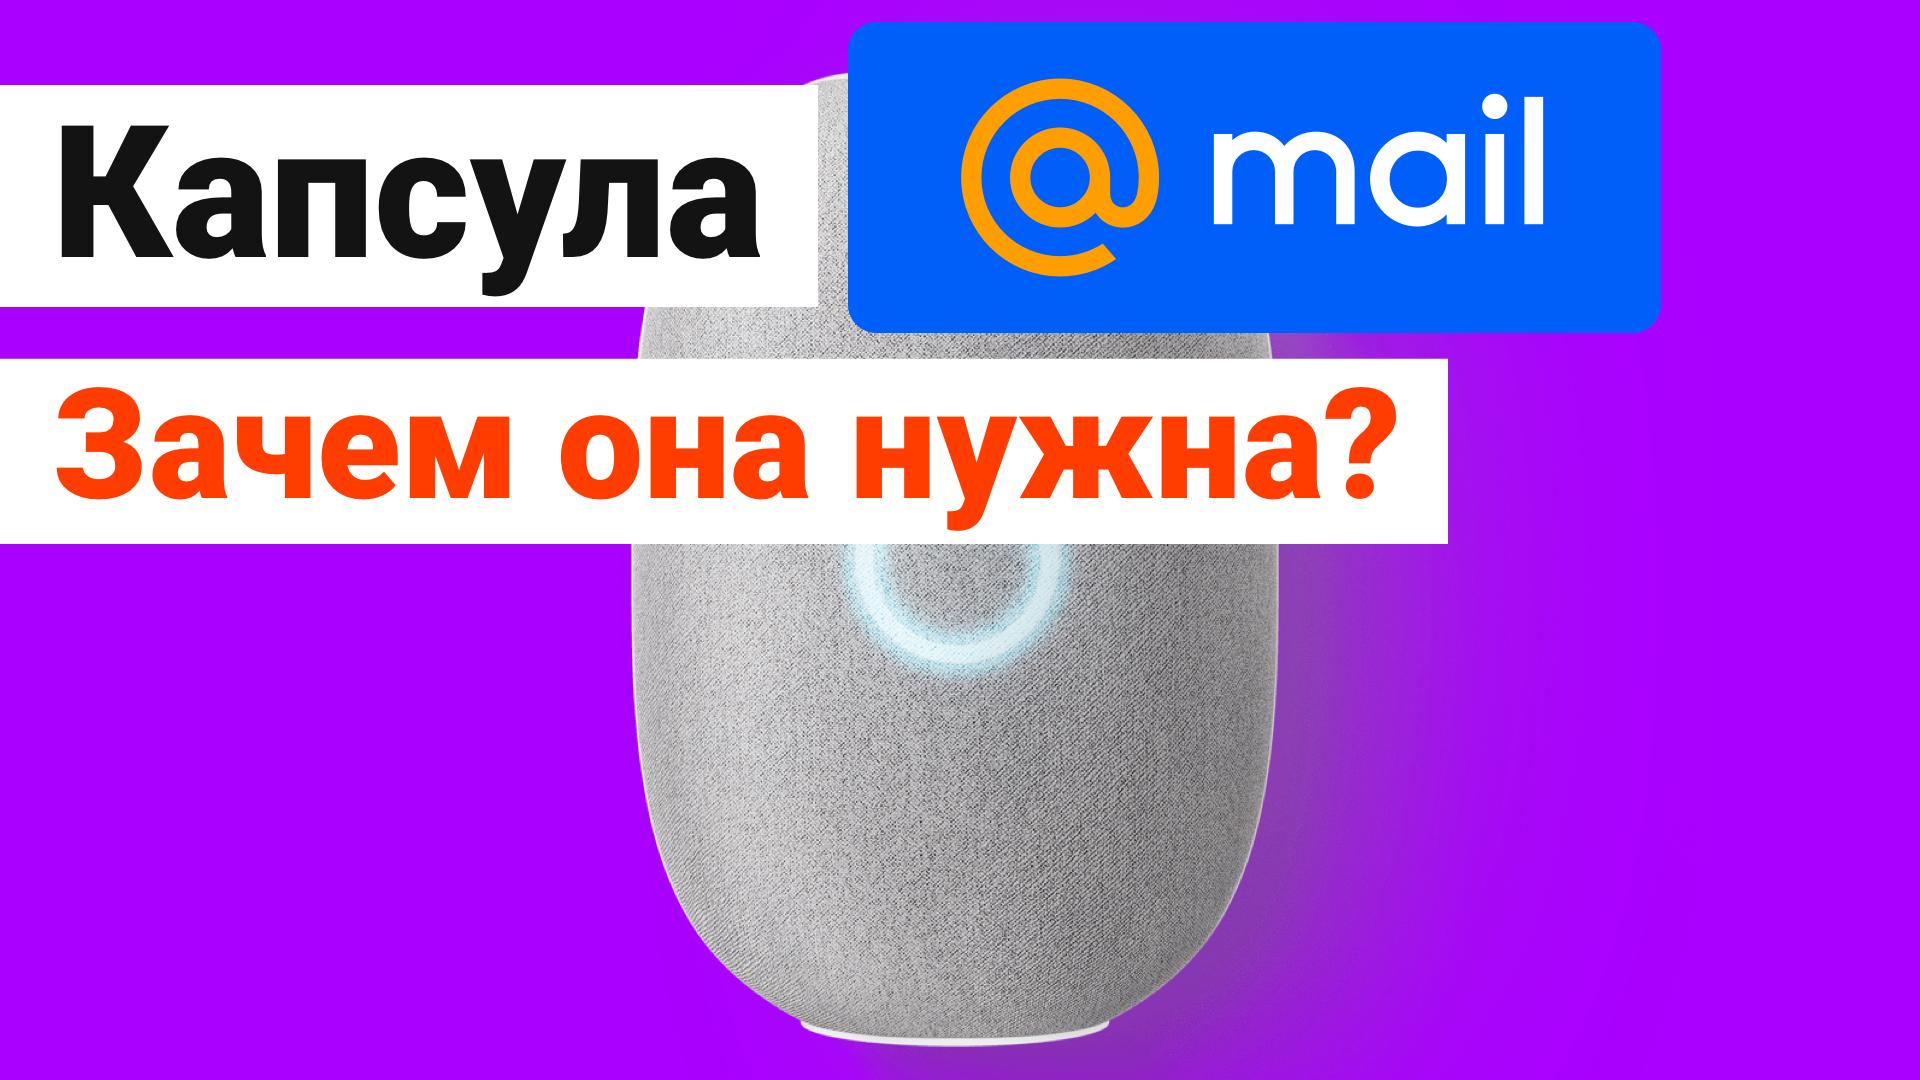 Видео обзор Капсула с Марусей, музыка и звонки Вконтакте